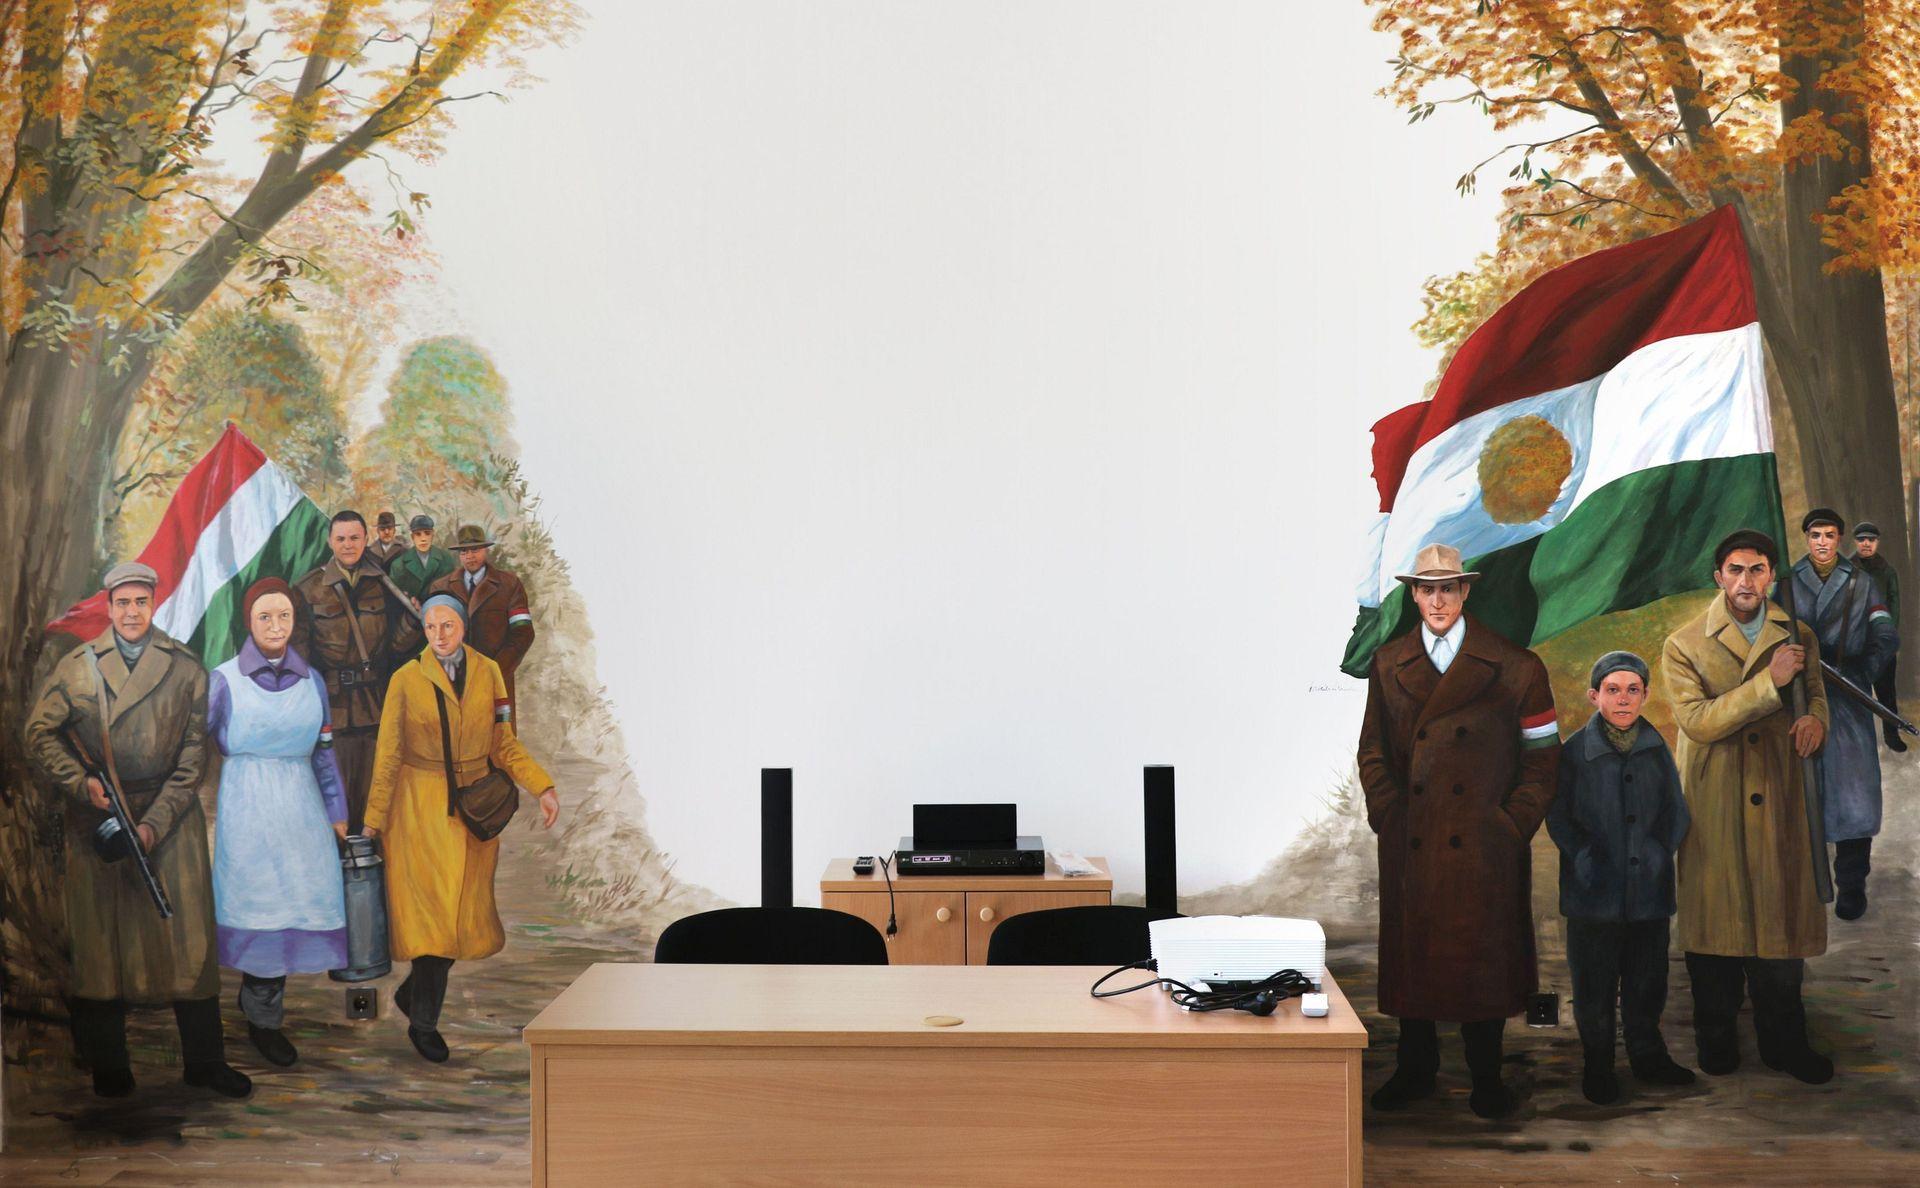 Falfestő - falfestmény - dekorációs falfestés - Kinek ajánljuk a ... e3cdb8a41a